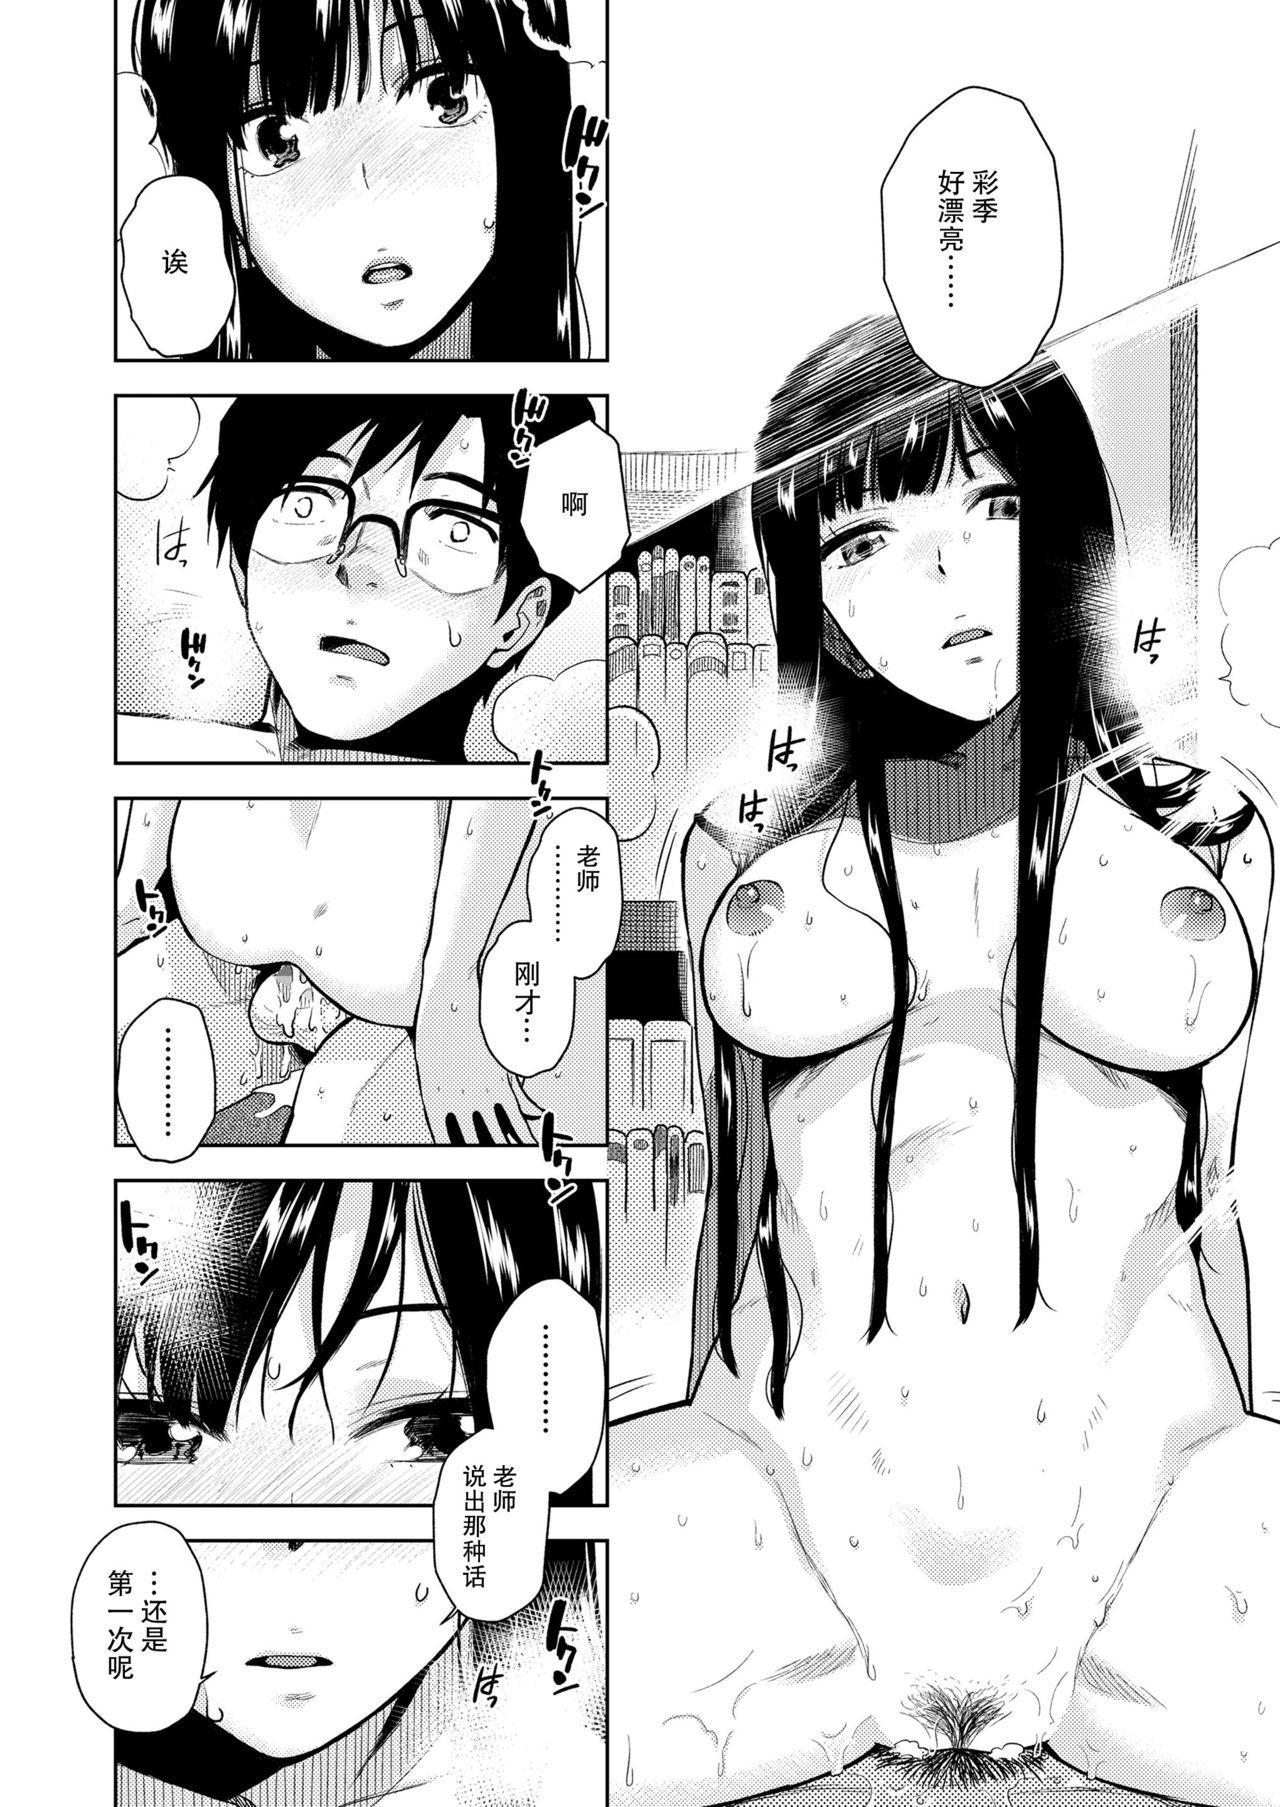 Goukaku Tsuuchi 15